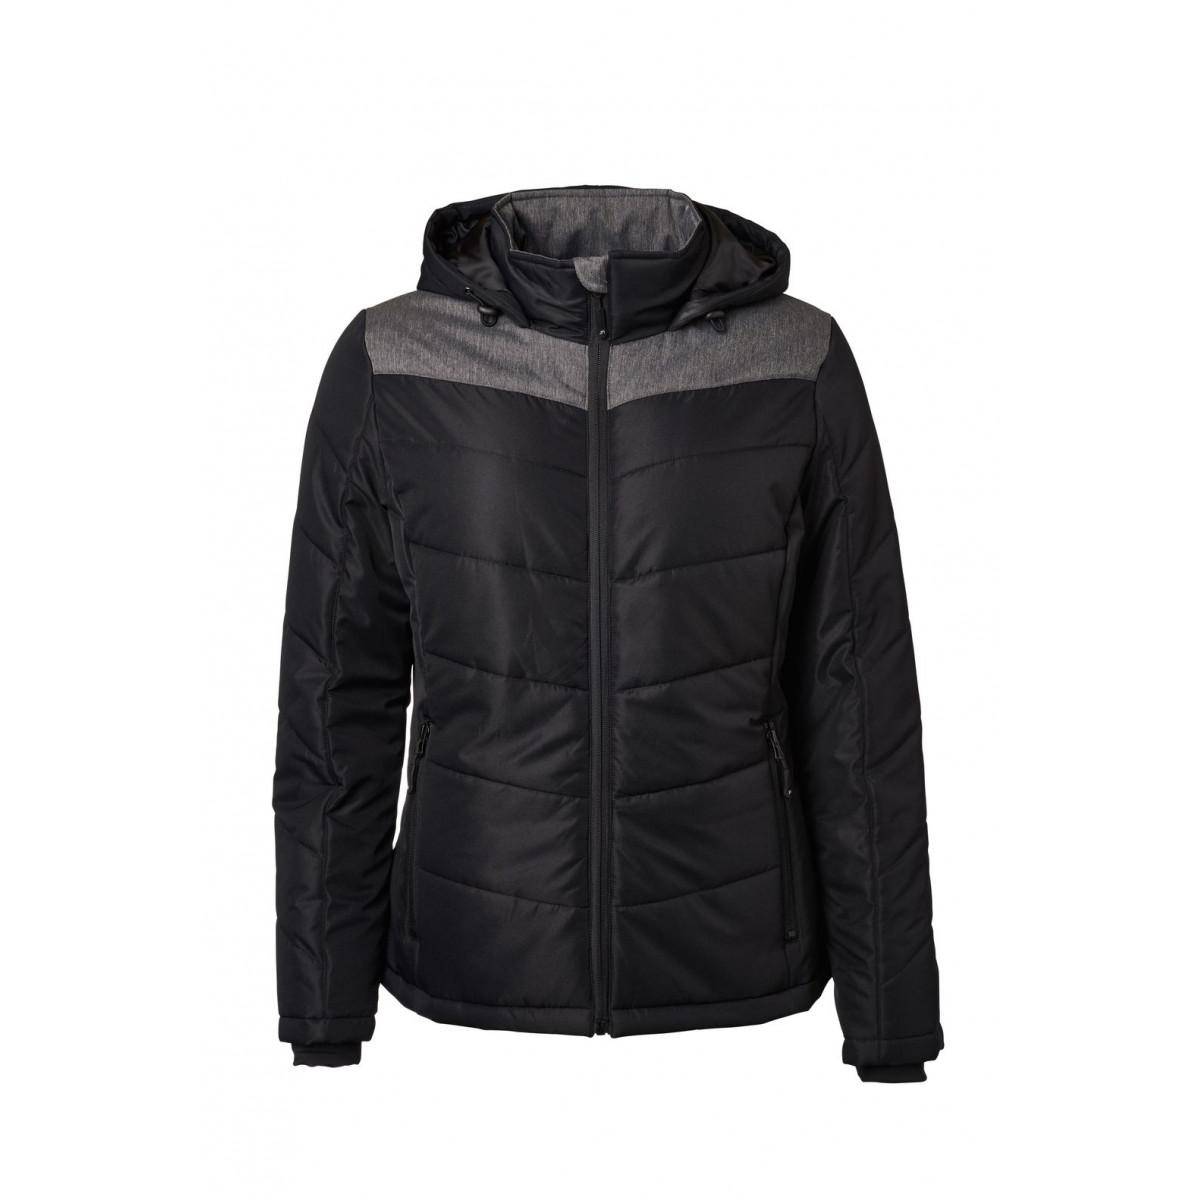 Куртка женская JN1133 Ladies Winter Jacket - Черный/Темно-серый меланж